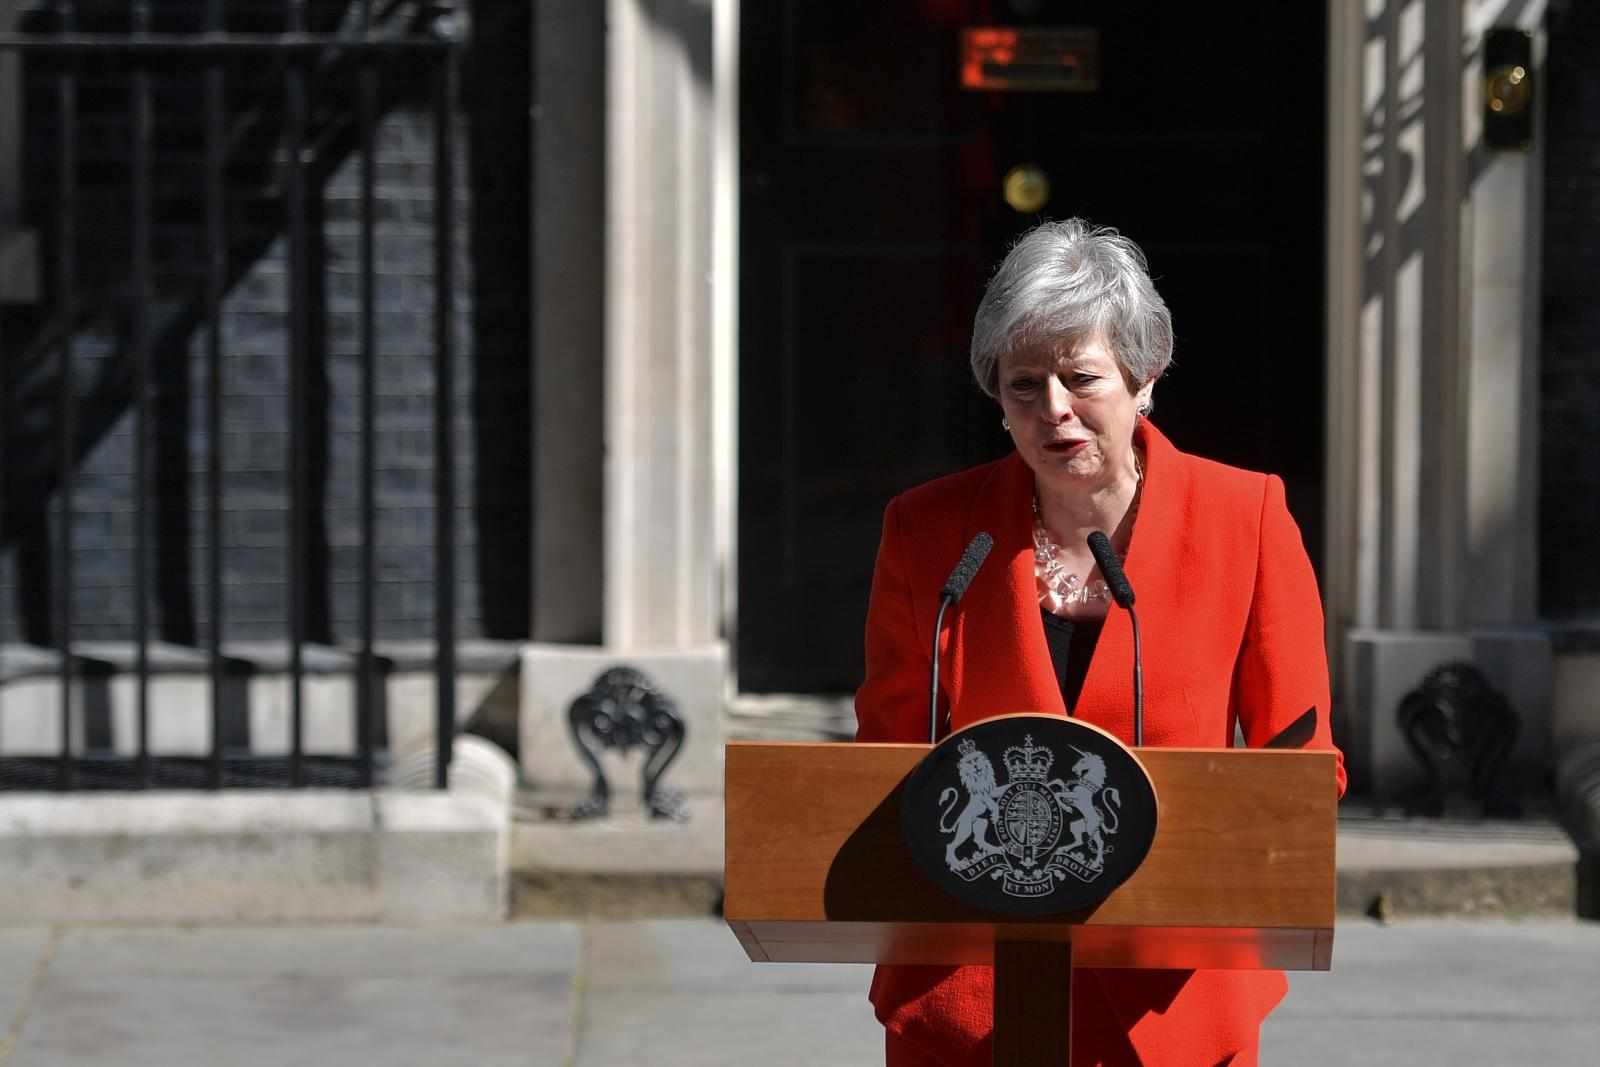 เทเรซา เมย์ ประกาศลาออกจากนายกฯอังกฤษ